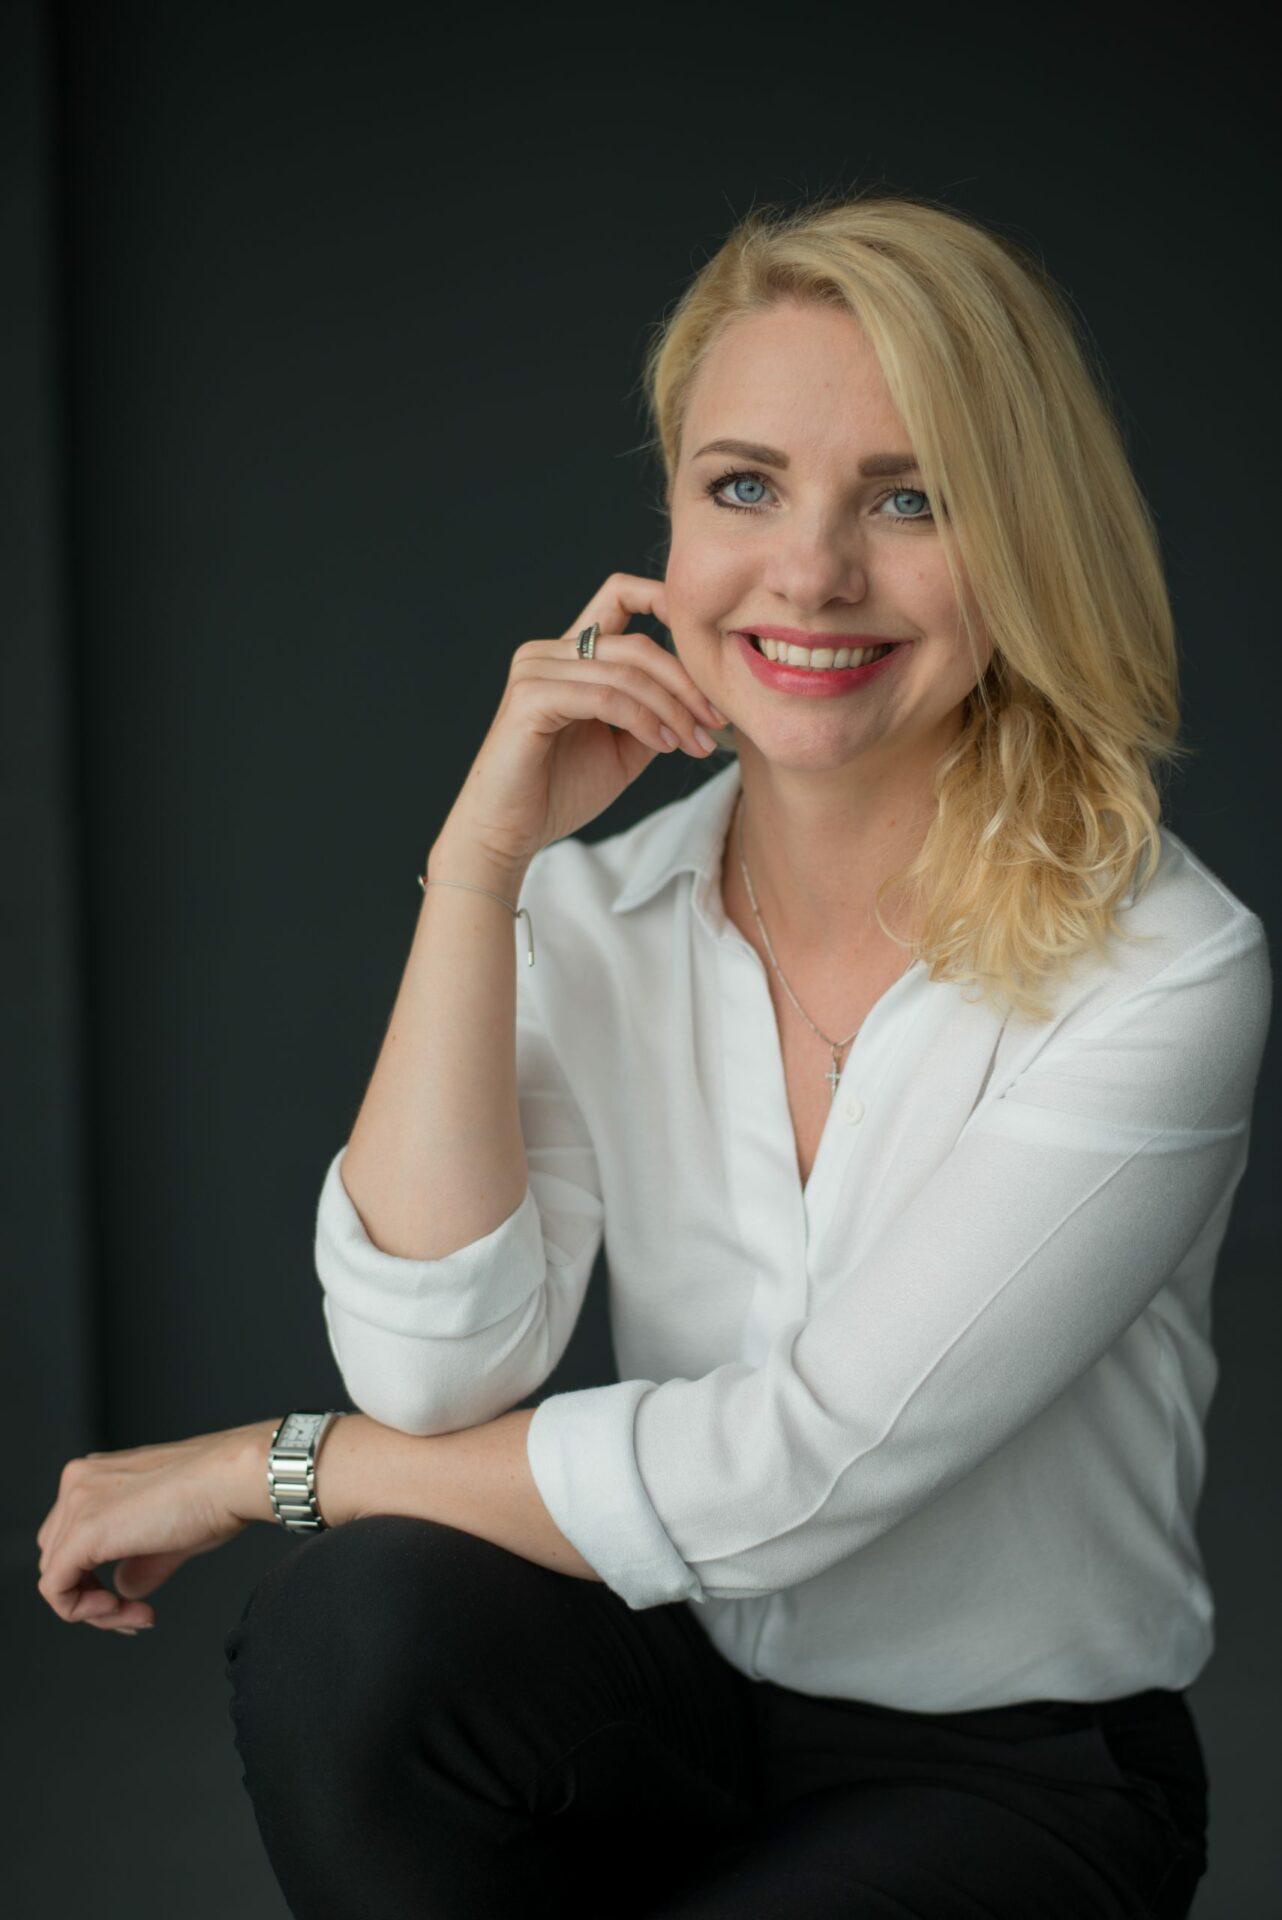 Evgenia Khimenko Mindy Support